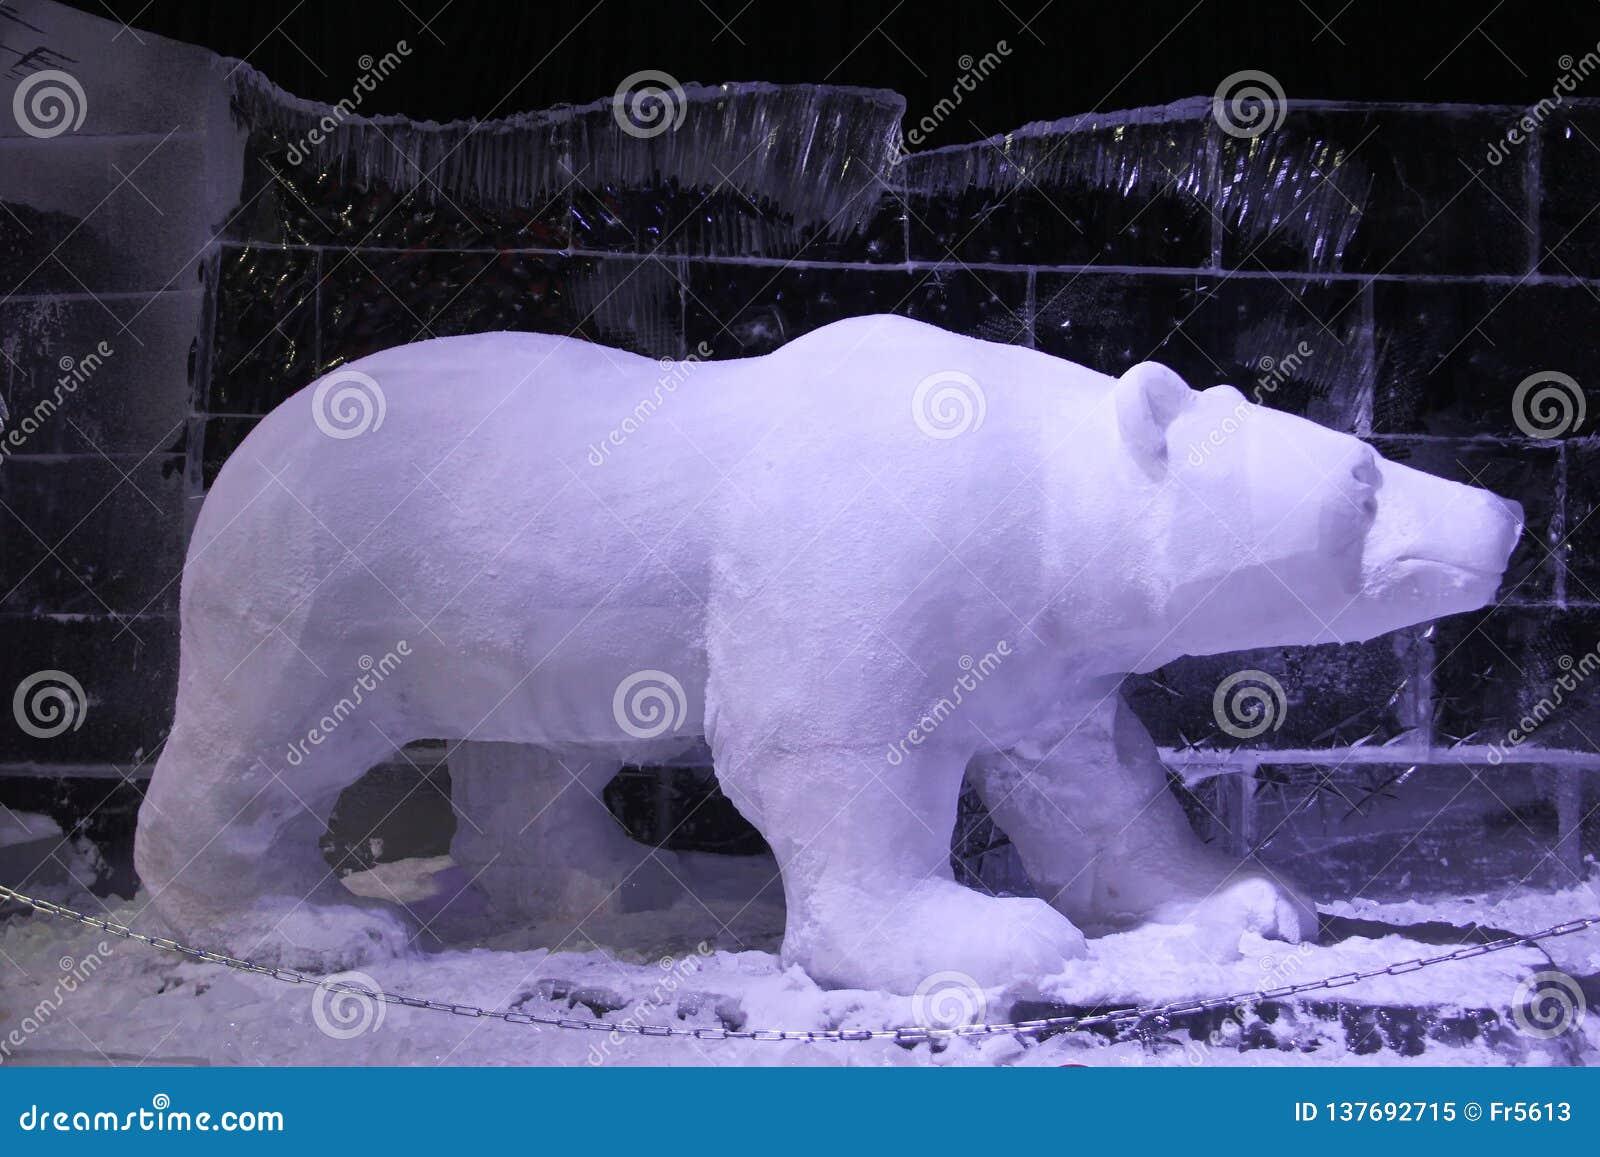 北极熊由冰和雪制成